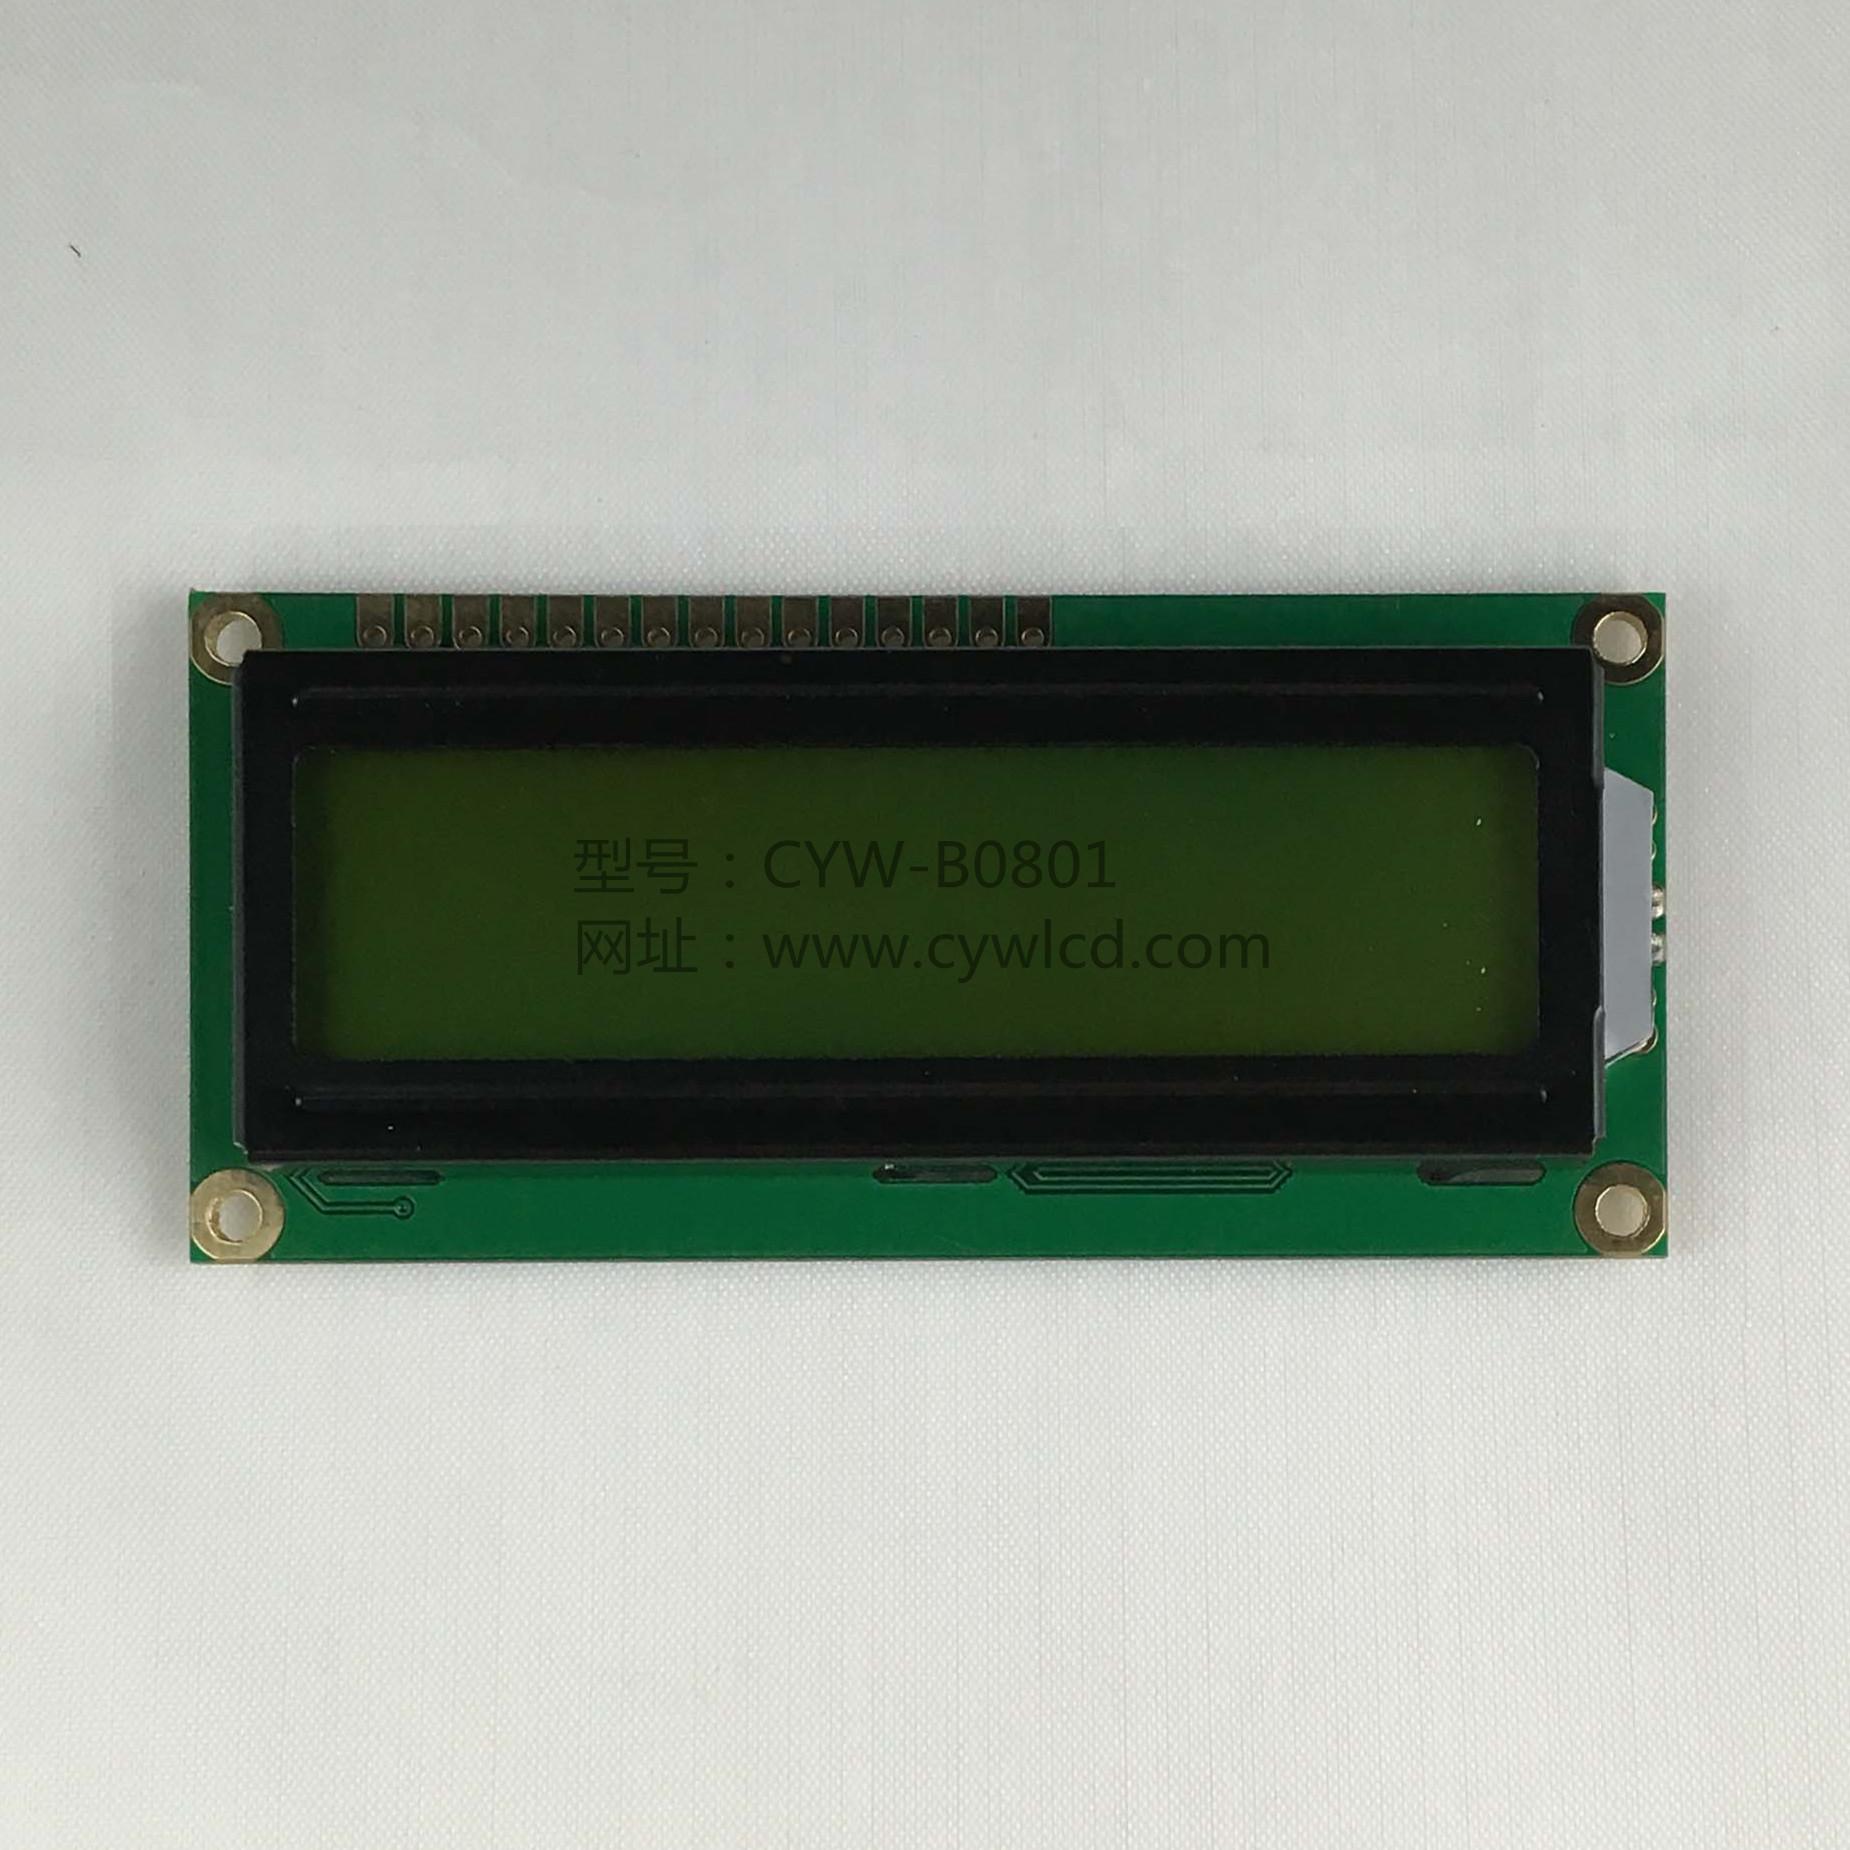 2.6寸CYW-B0801A字符液晶屏